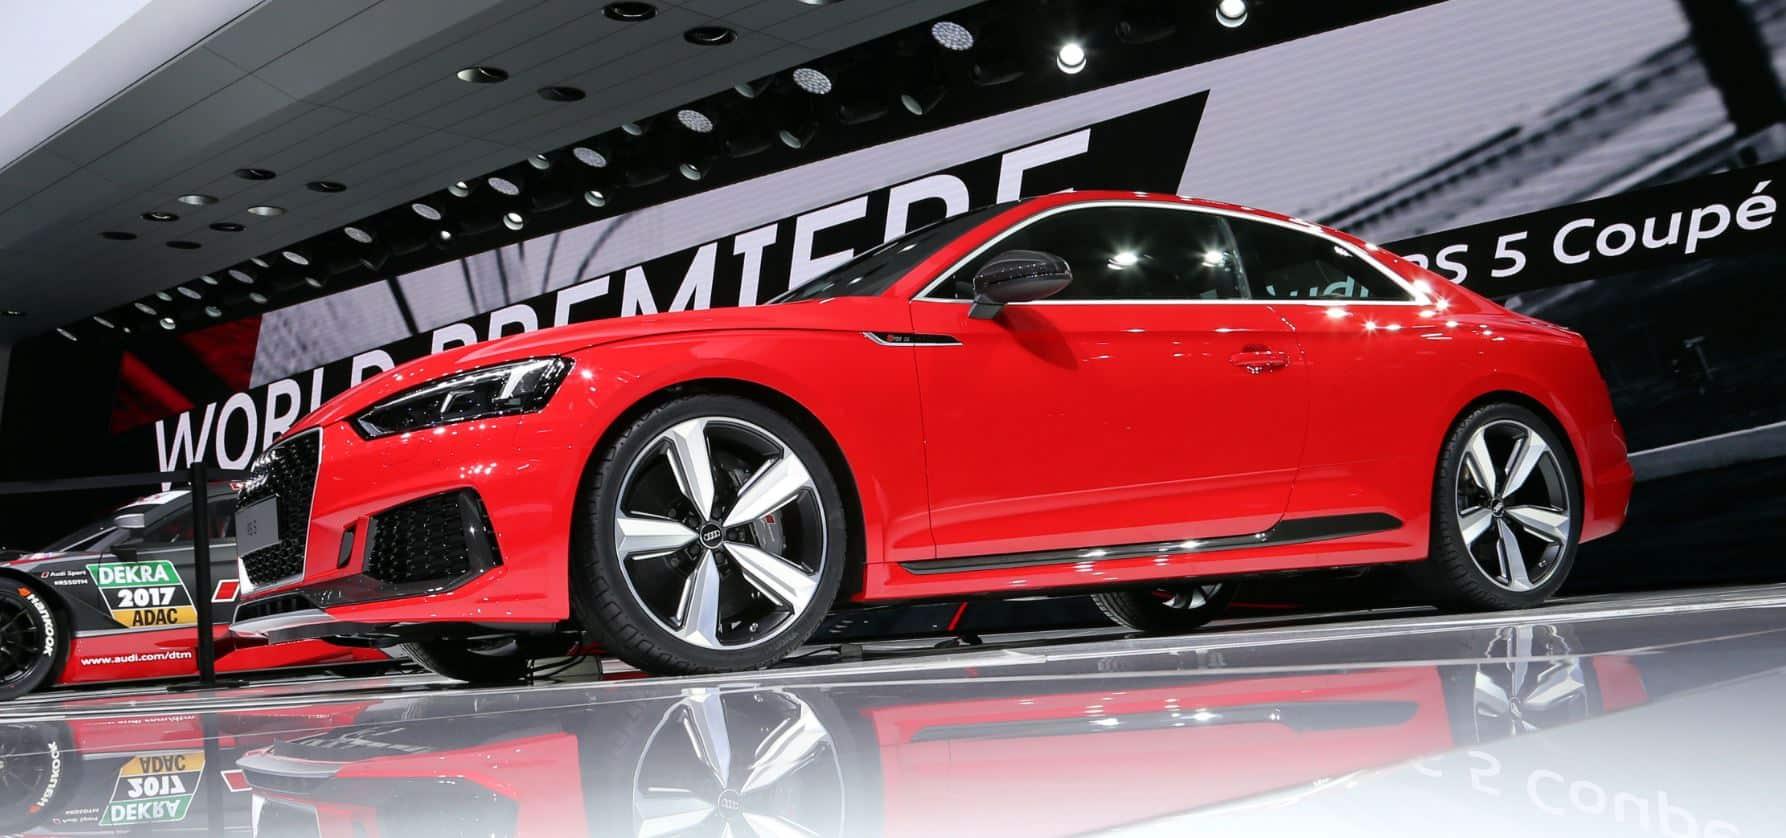 Ofensiva Audi: Habrá 8 nuevos modelos y 6 versiones RS antes de 2019 ¡Y ojo a este revelador boceto!